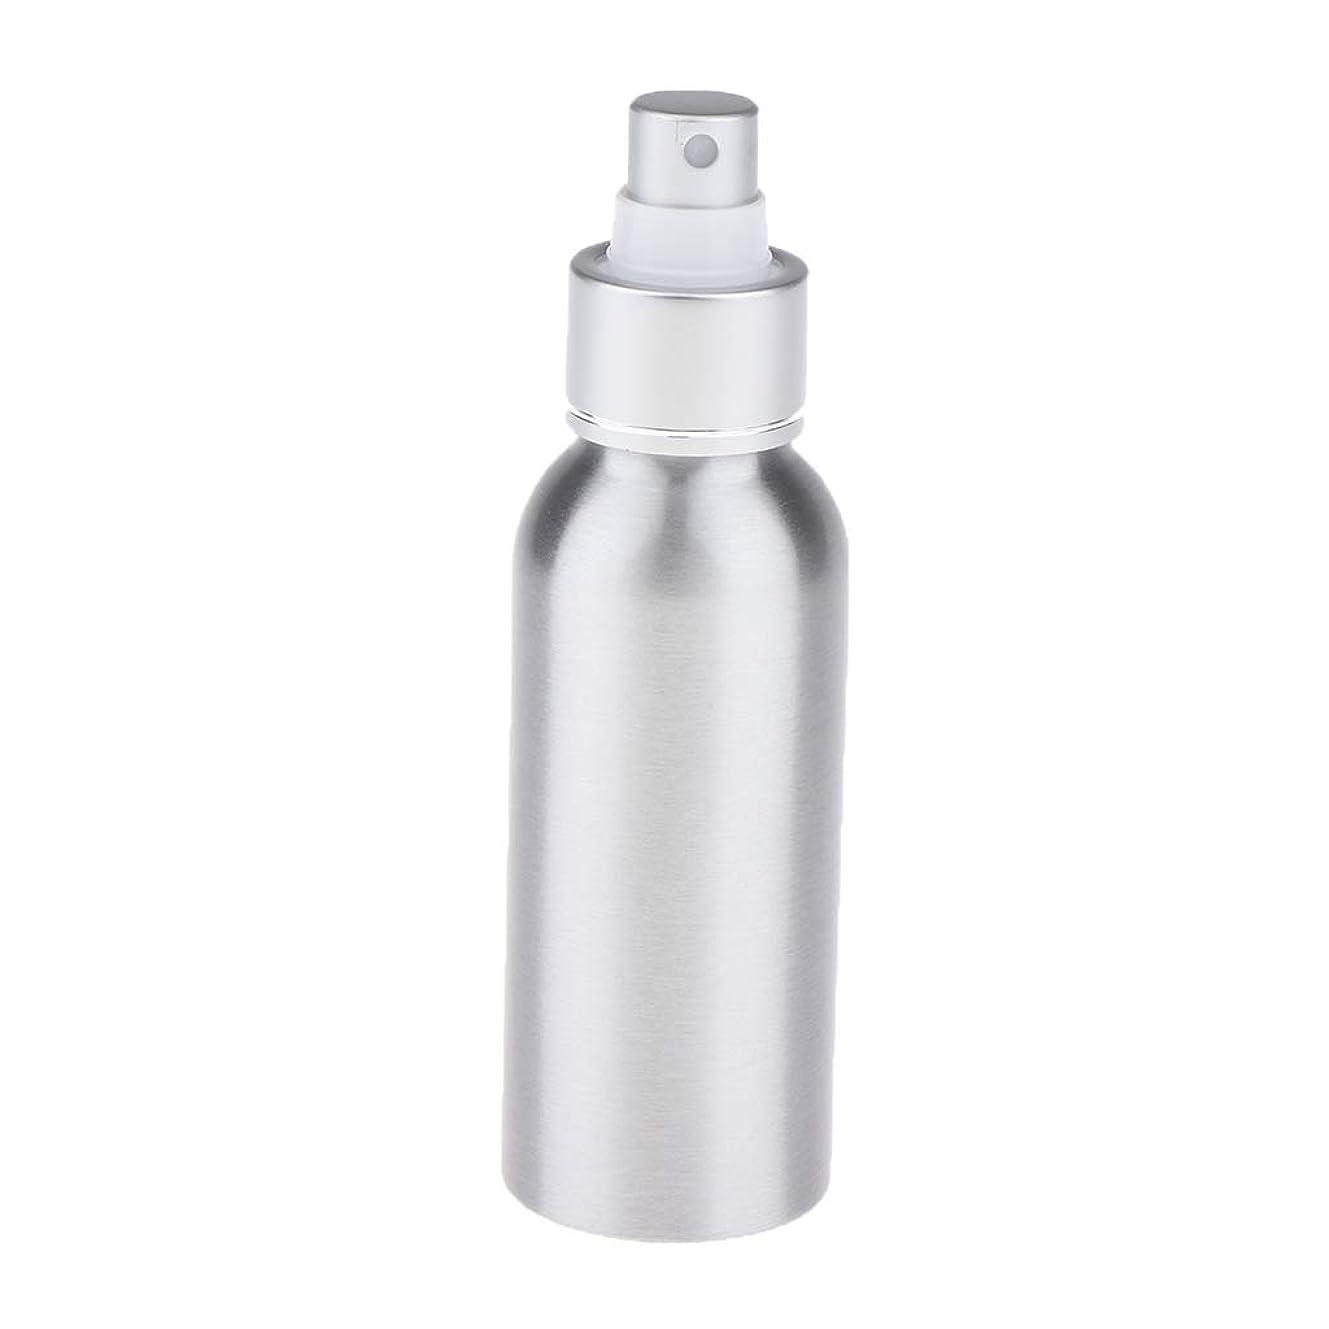 平行官僚満足CUTICATE ポンプボトル アトマイザー トラベルボトル スプレー 漏れ防止 遮光 霧吹き 旅行用 5サイズ選べ - 100ミリリットル